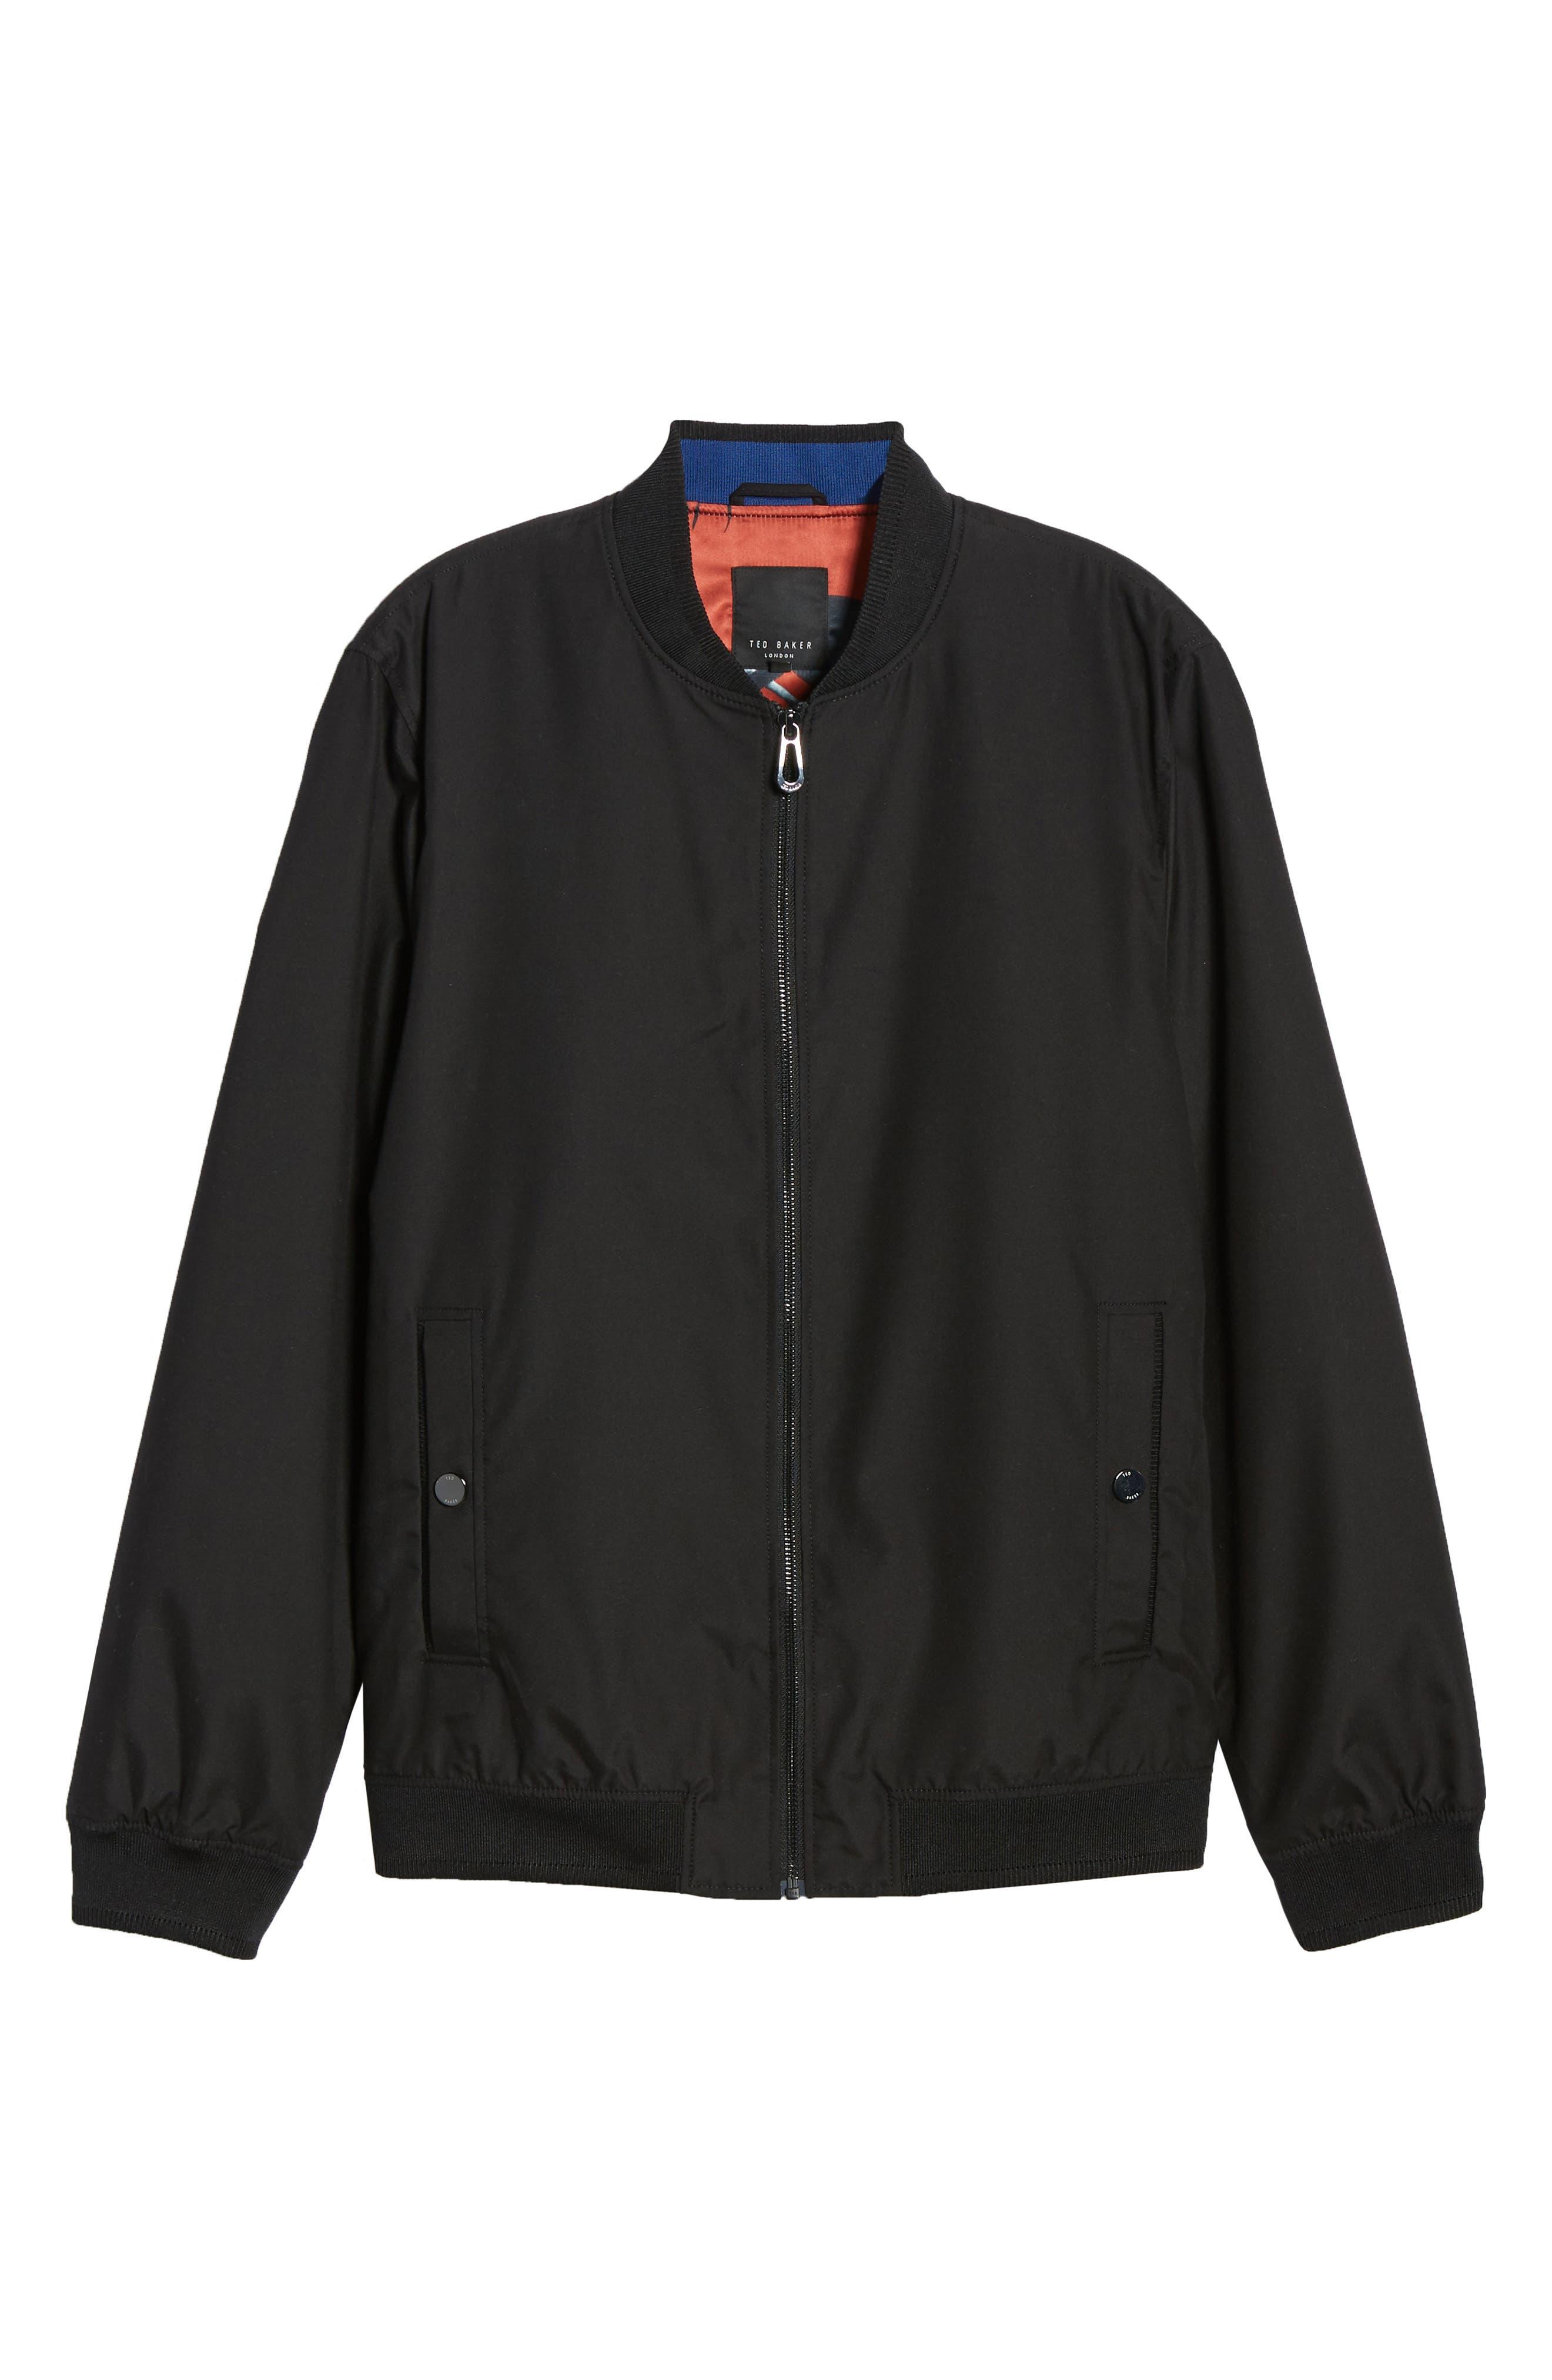 TED BAKER LONDON, Len Slim Fit Bomber Jacket, Alternate thumbnail 6, color, BLACK